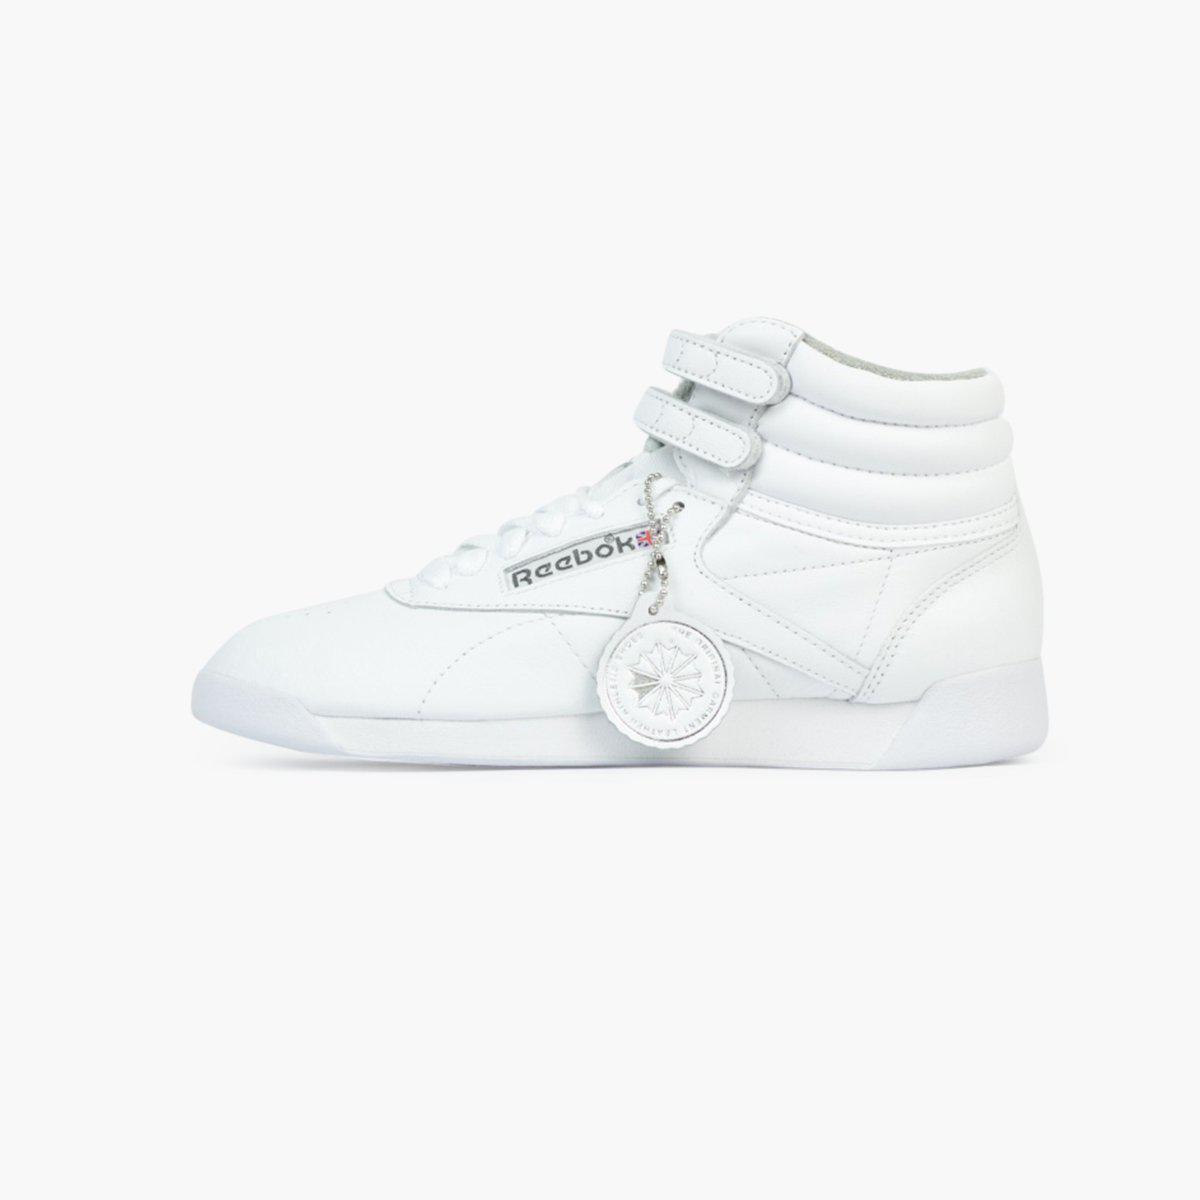 precio al por mayor gran ajuste mejor selección de 2019 Reebok Leather Freestyle Hi Archive Women's in White - Lyst